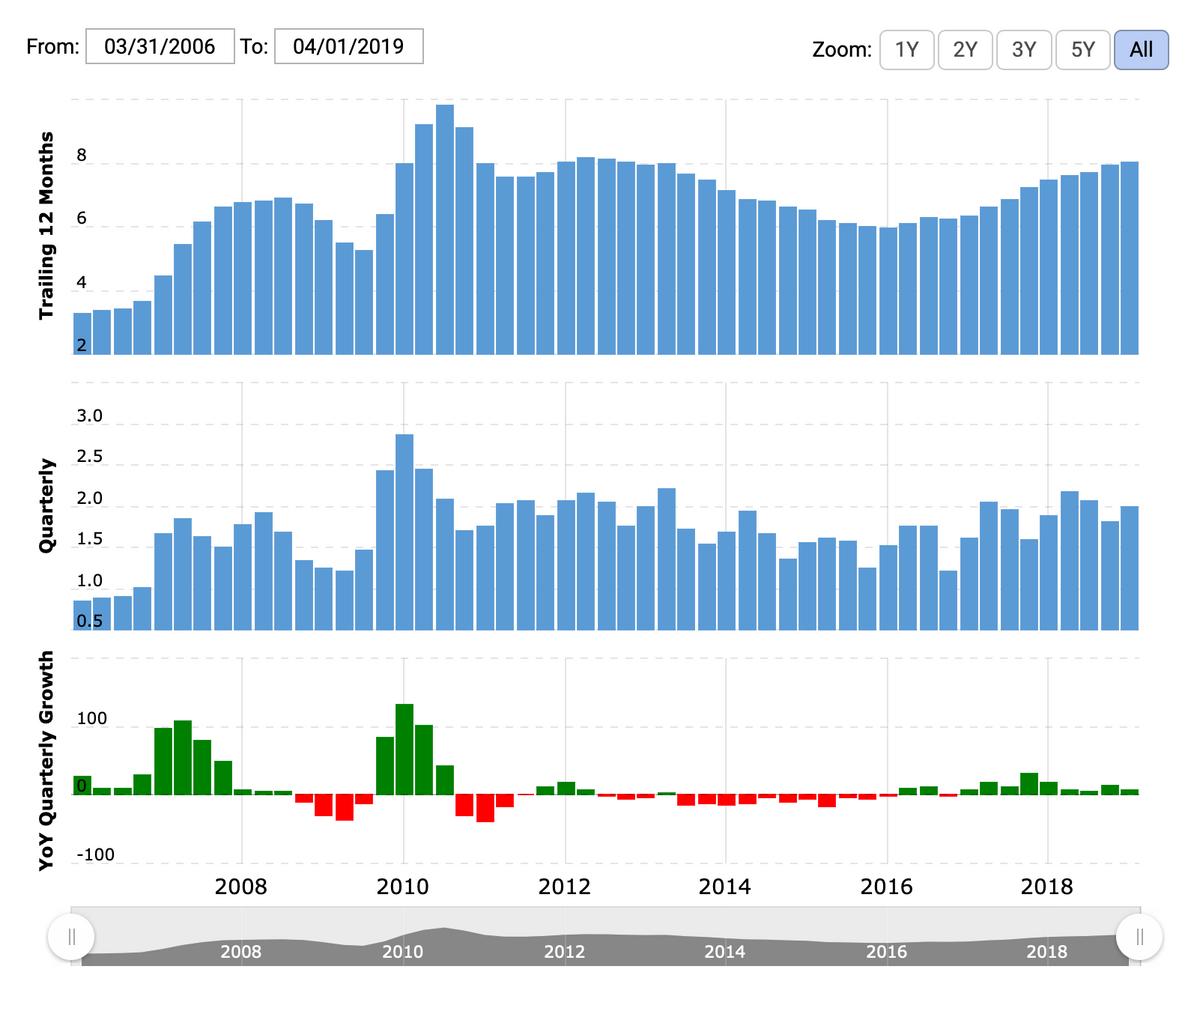 Выручка Oshkosh. Сверху — изменения в годовом выражении, посередине — вквартальном, снизу — квартальный рост / убыток в процентах по сравнению спредыдущим годом. Источник: Macrotrends